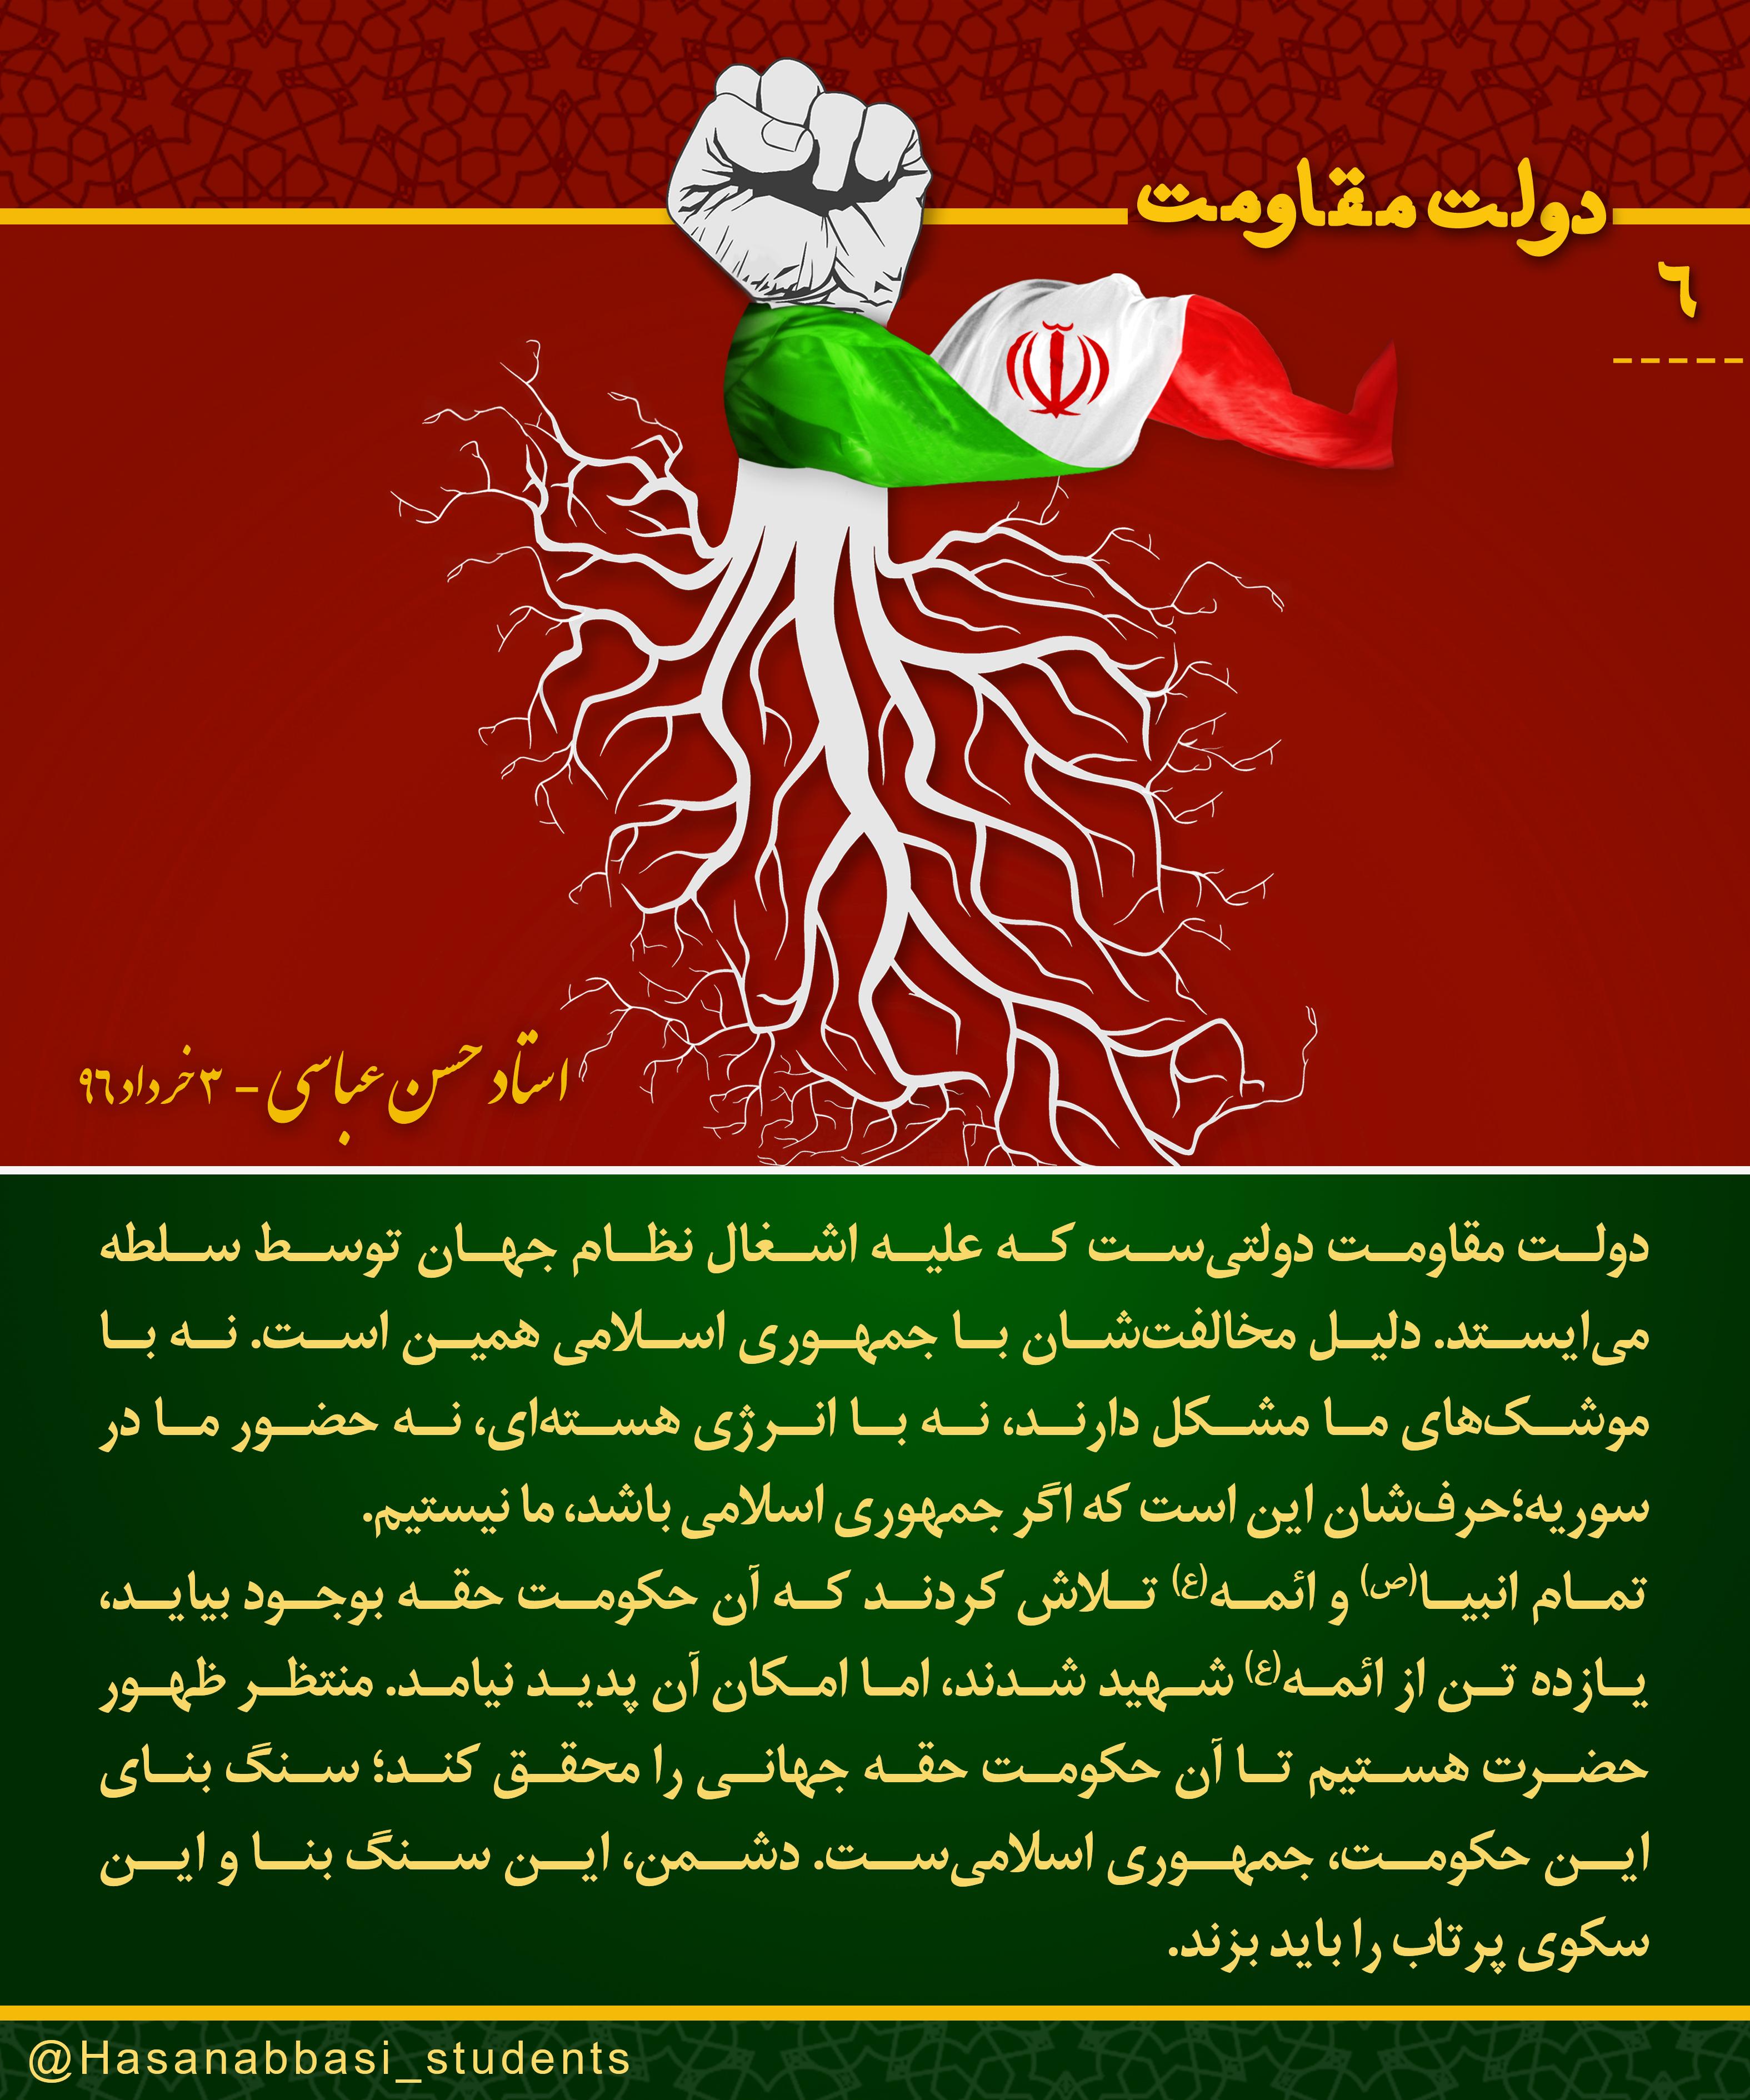 دولت مقاومت ۶ - اگر جمهوری اسلامی باشد، ما نیستیم!